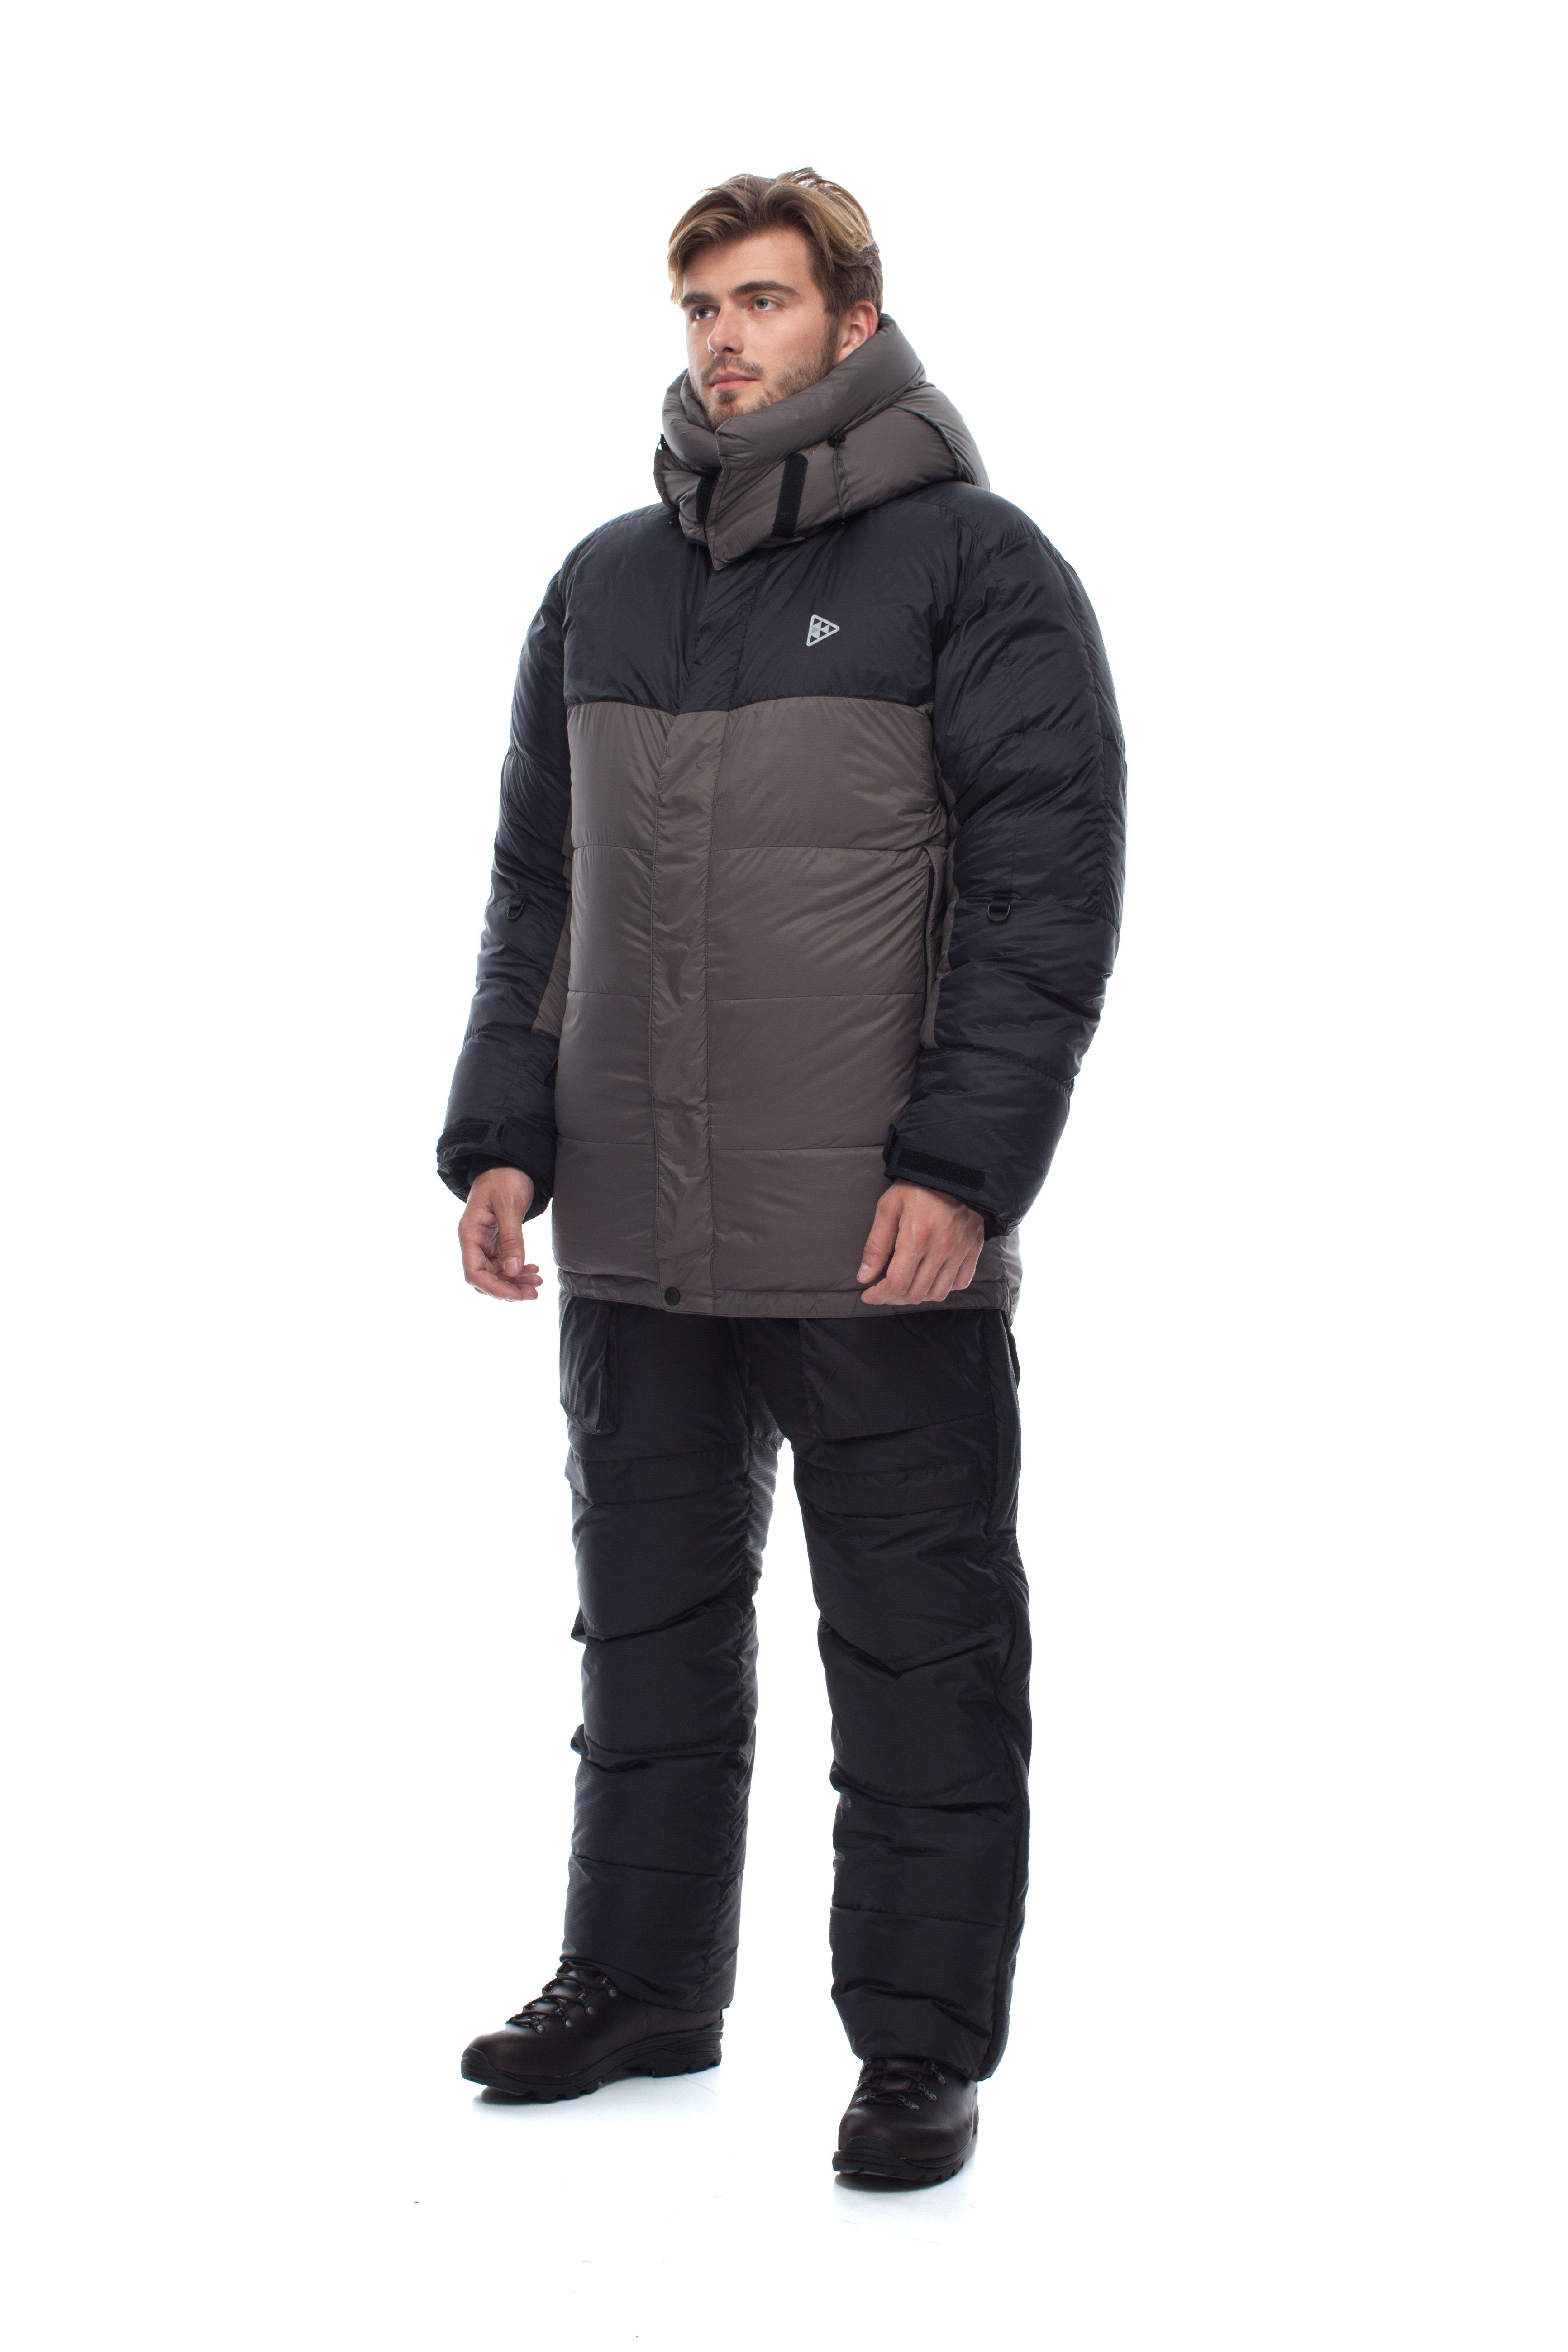 Пуховая куртка BASK KHAN TENGRI V6 PRO 3324CКуртки<br><br><br>Верхняя ткань: Advance® Perfomance<br>Вес граммы: 1200<br>Вес утеплителя: 540<br>Ветро-влагозащитные свойства верхней ткани: Нет<br>Ветрозащитная планка: Да<br>Ветрозащитная юбка: Да<br>Влагозащитные молнии: Нет<br>Внутренние манжеты: Да<br>Внутренняя ткань: Advance® Classic<br>Водонепроницаемость: 1000<br>Дублирующий центральную молнию клапан: Да<br>Защитный козырёк капюшона: Нет<br>Капюшон: Съемный<br>Карман для средств связи: Да<br>Количество внешних карманов: 3<br>Количество внутренних карманов: 2<br>Мембрана: Advance MPC<br>Объемный крой локтевой зоны: Да<br>Отстёгивающиеся рукава: Нет<br>Паропроницаемость: 7000<br>Показатель Fill Power (для пуховых изделий): 810<br>Пол: Мужской<br>Проклейка швов: Нет<br>Регулировка манжетов рукавов: Да<br>Регулировка низа: Да<br>Регулировка объёма капюшона: Да<br>Регулировка талии: Да<br>Регулируемые вентиляционные отверстия: Нет<br>Световозвращающая лента: Нет<br>Температурный режим: -35<br>Технология Thermal Welding: Нет<br>Технология швов: Теплые и закрытые<br>Тип утеплителя: Натуральный<br>Ткань усиления: Advance® Perfomance<br>Усиление контактных зон: Да<br>Утеплитель: Гусиный пух